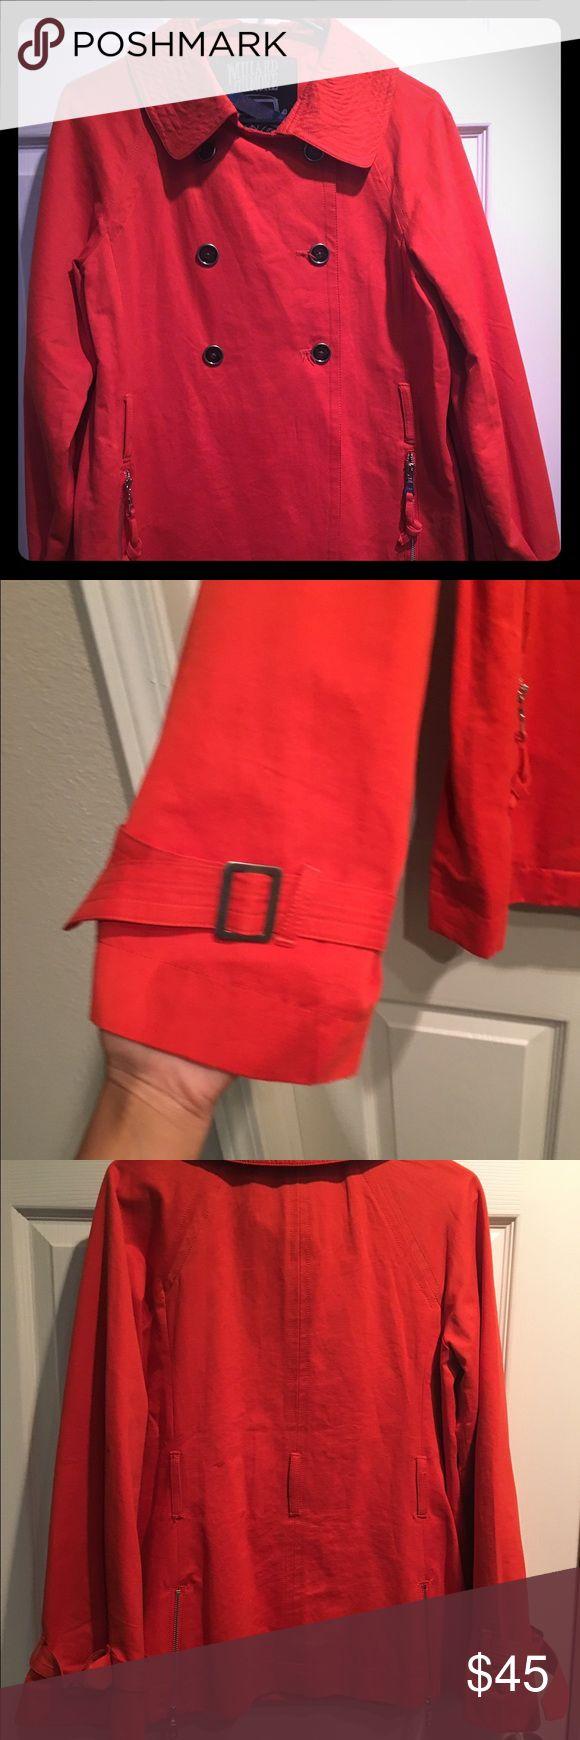 🎉24 hour sale🎉 Millard Fillmore Coat Like new! As is in photo. Make me an offer! Millard Fillmore Jackets & Coats